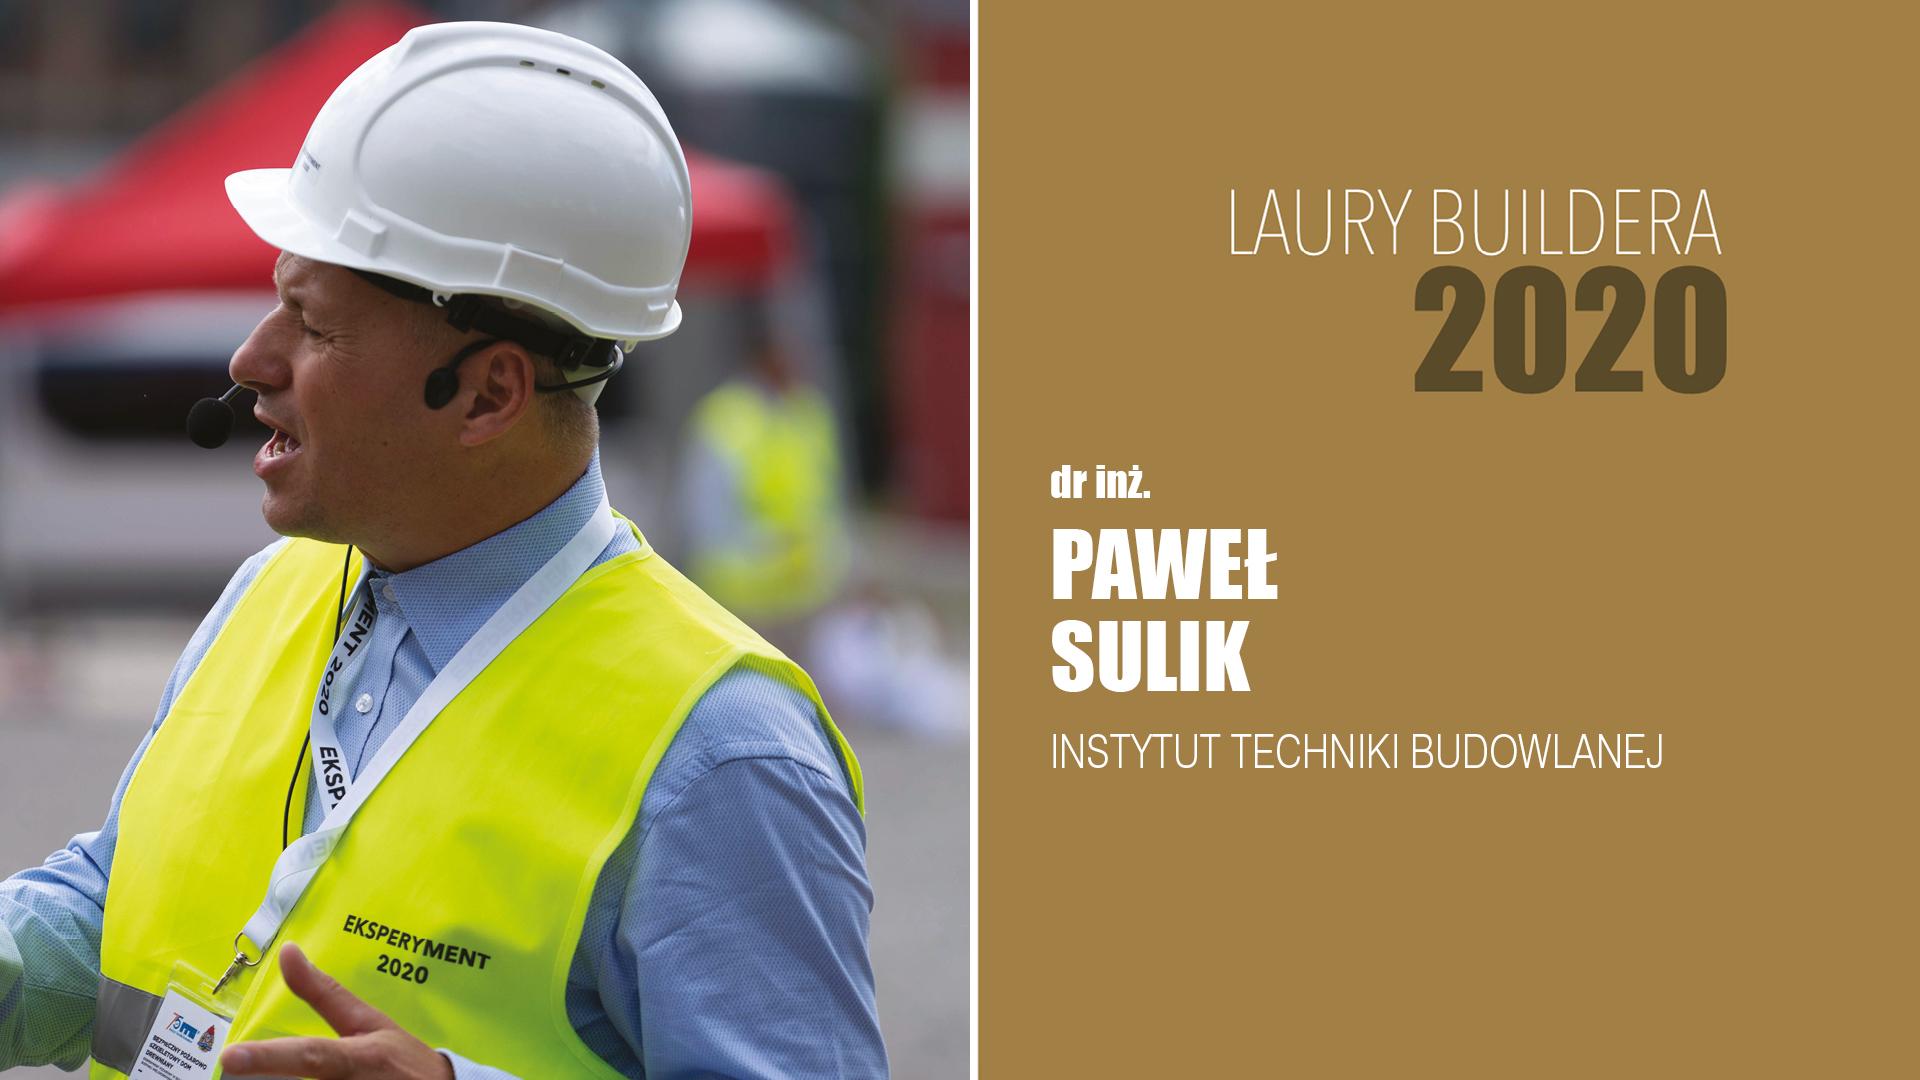 DR INŻ. PAWEŁ SULIK – LAURY BUILDERA 2020